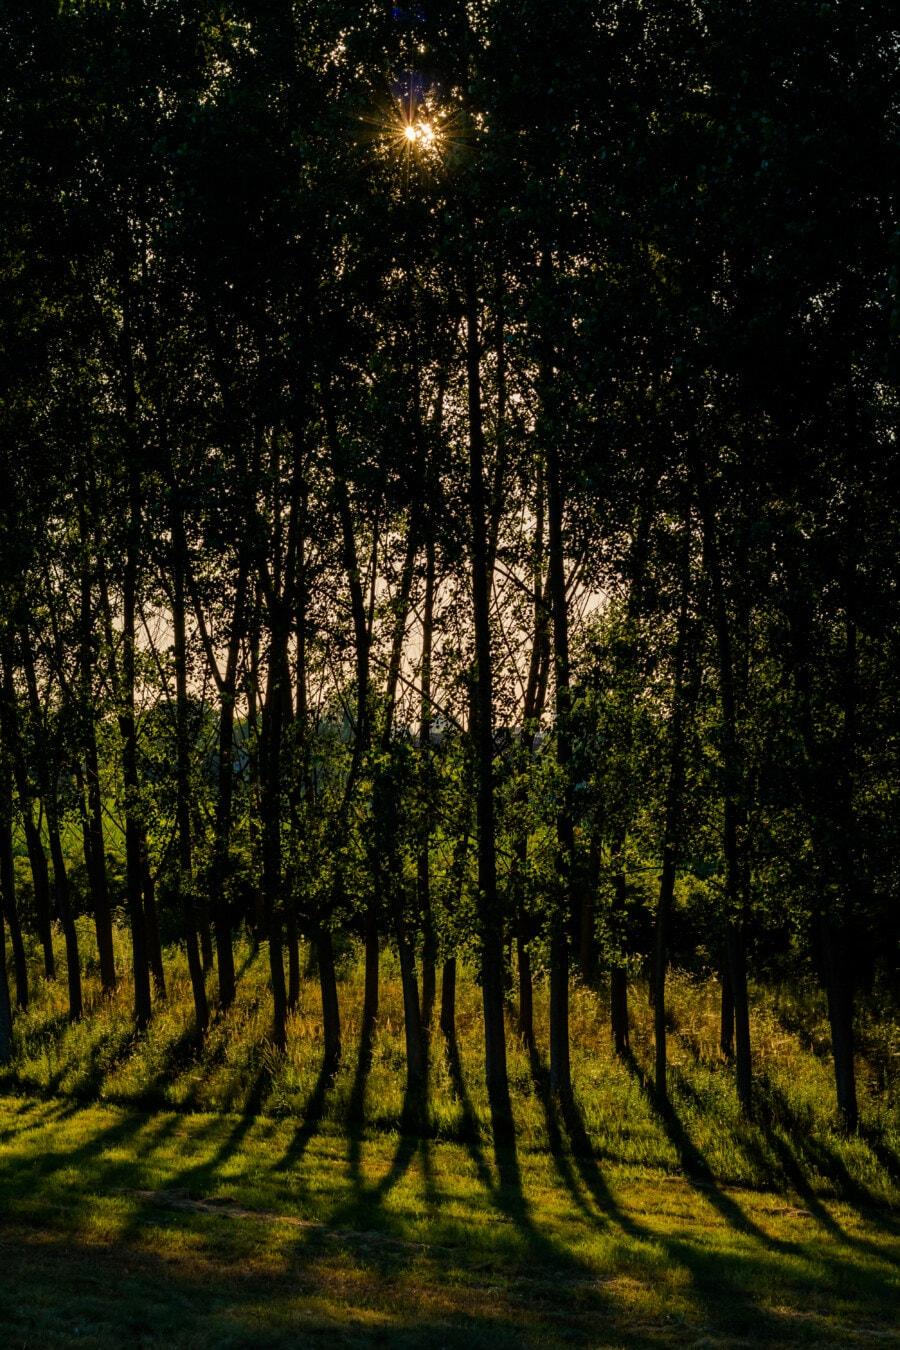 rayons de soleil, rétro-éclairé, ombre, forêt, arbres, aube, paysage, les bois, arbre, bois